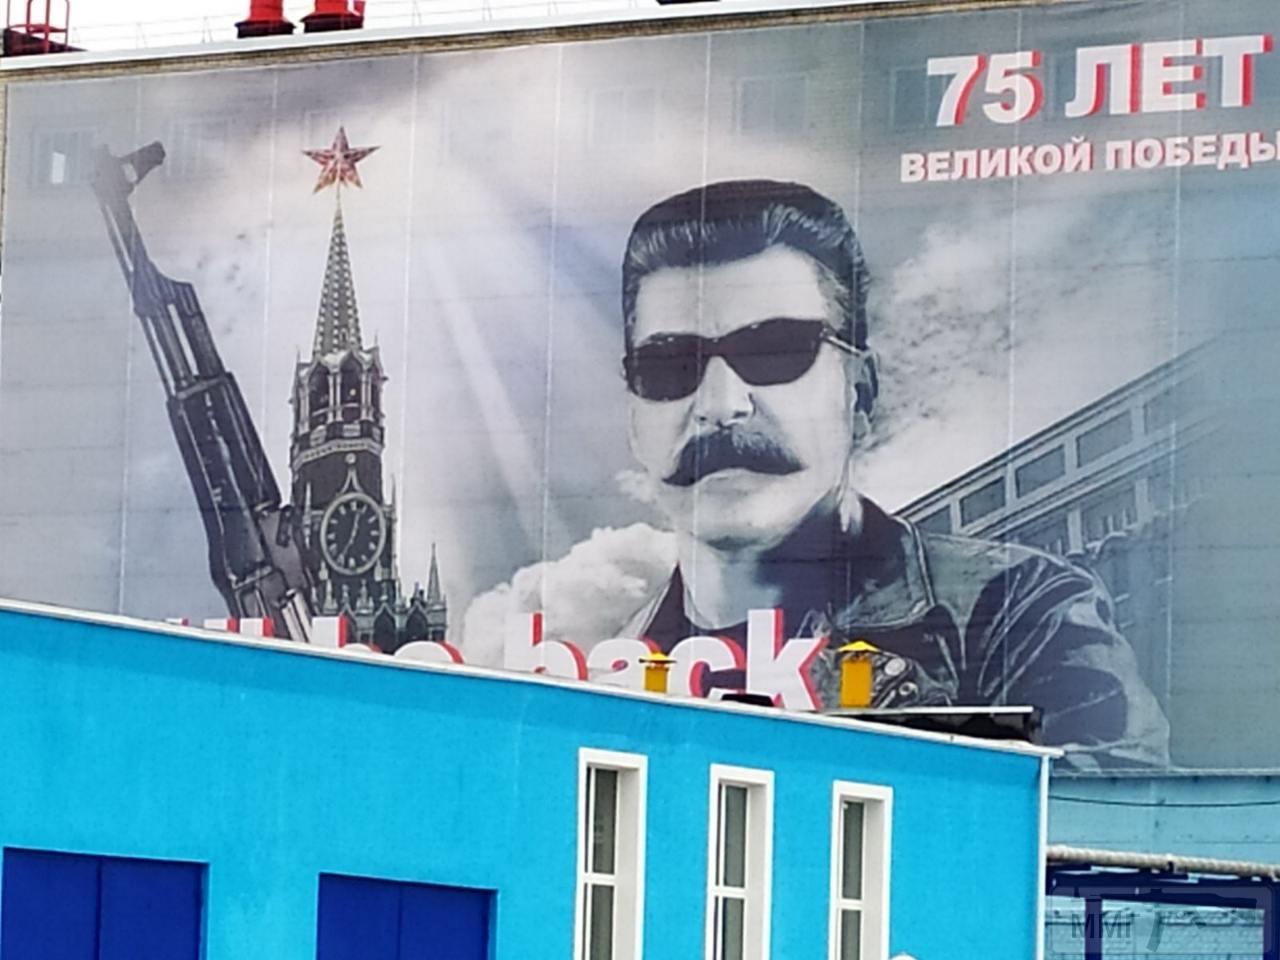 86444 - А в России чудеса!